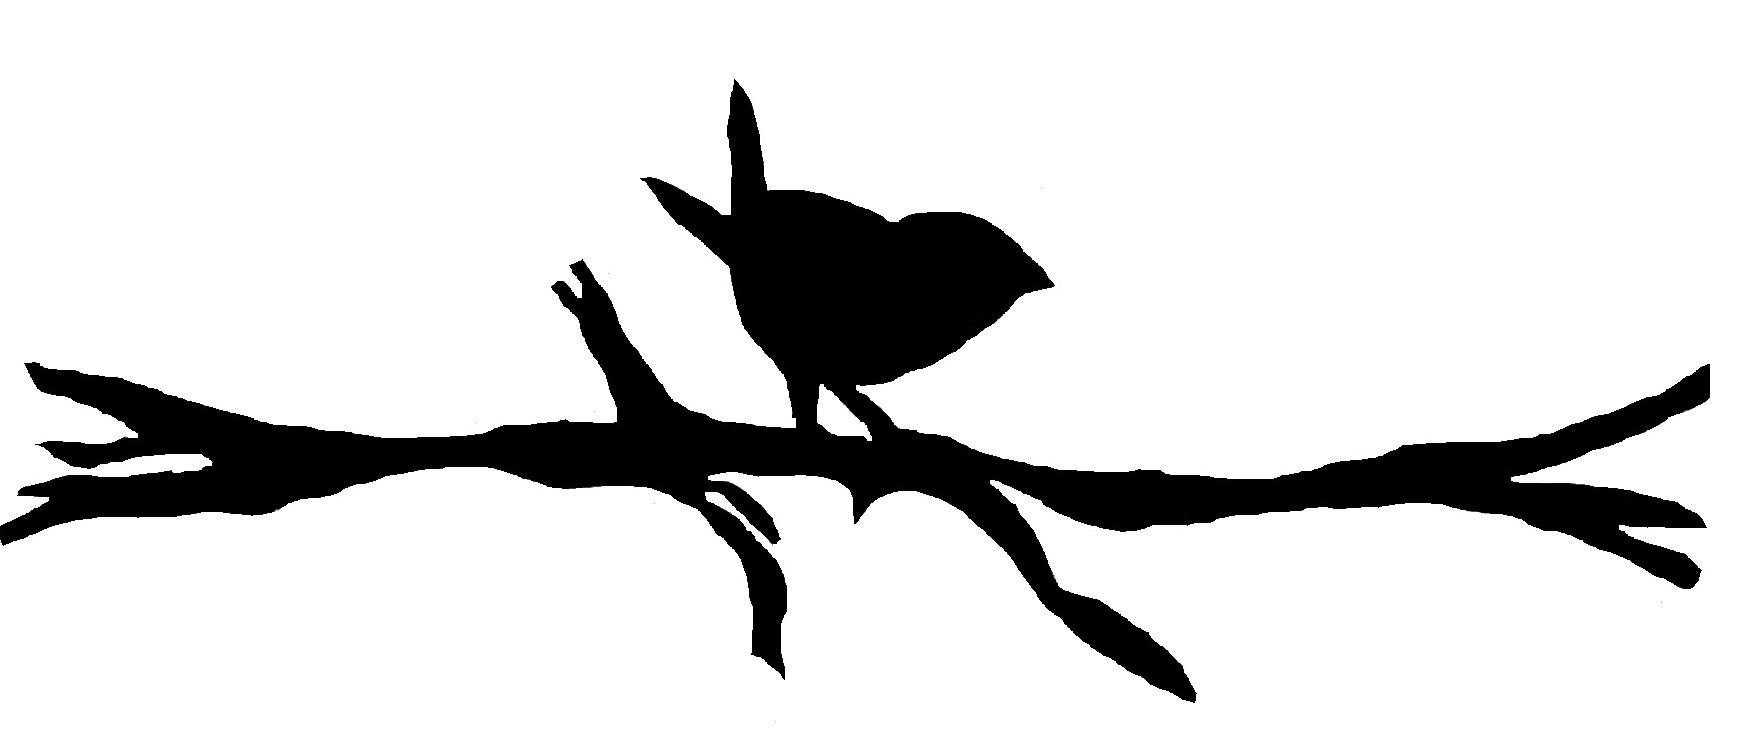 Laissons les oiseaux s envoler le bazar de mademoiselle rose - Dessin d oiseau ...